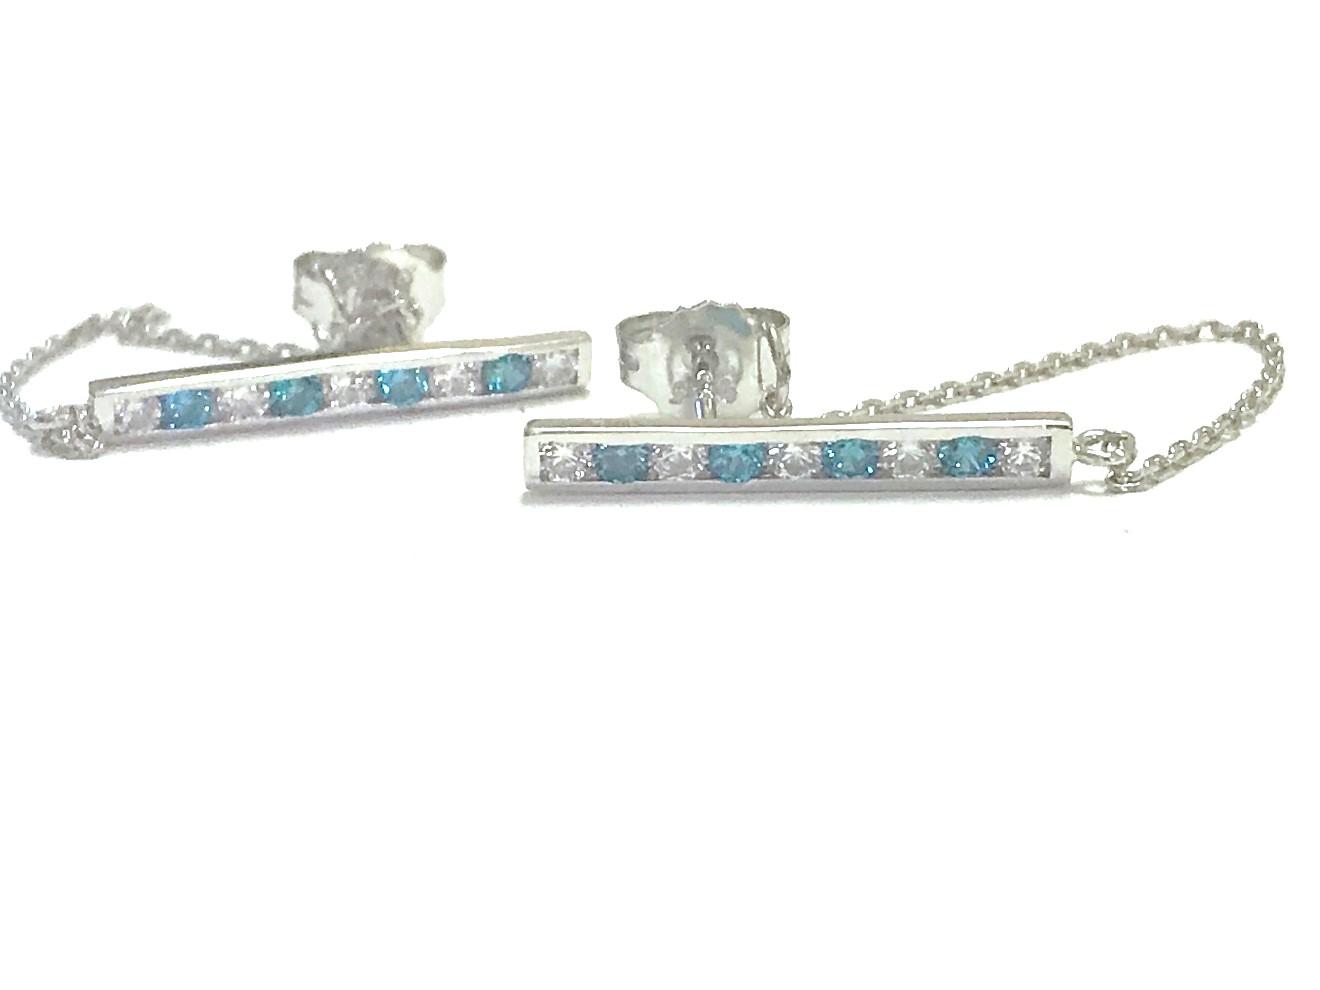 Boucles d'oreilles barre et chaîne - Argent sterling & Zircons cubiques (bleus et blancs)